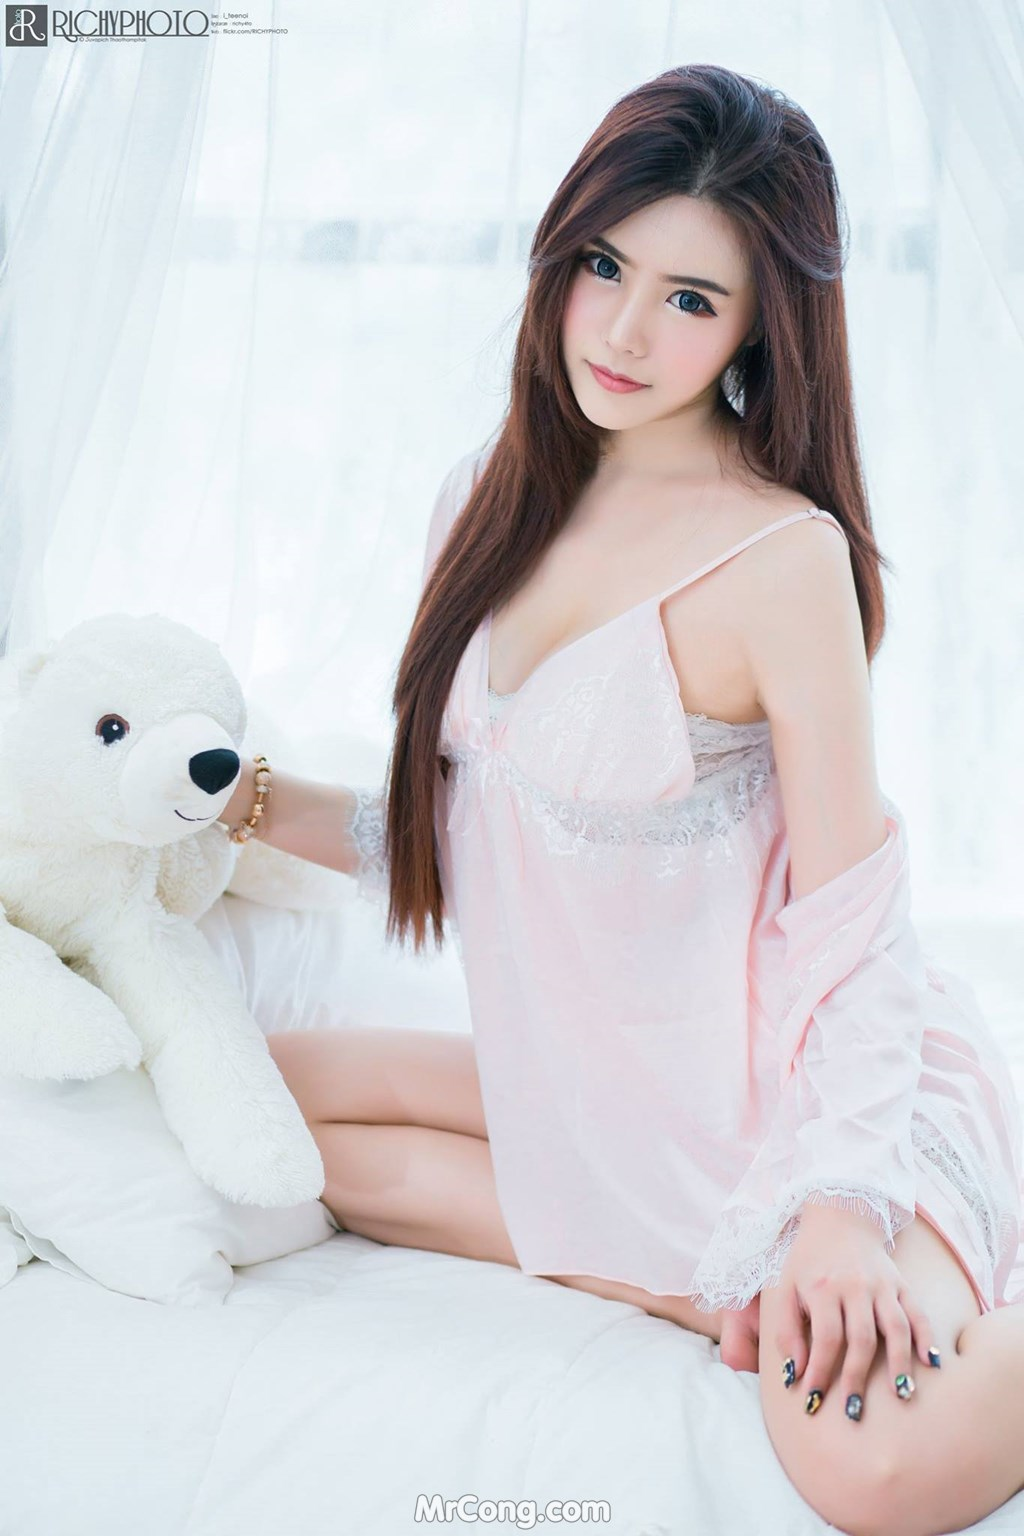 gai-xinh-nude-5